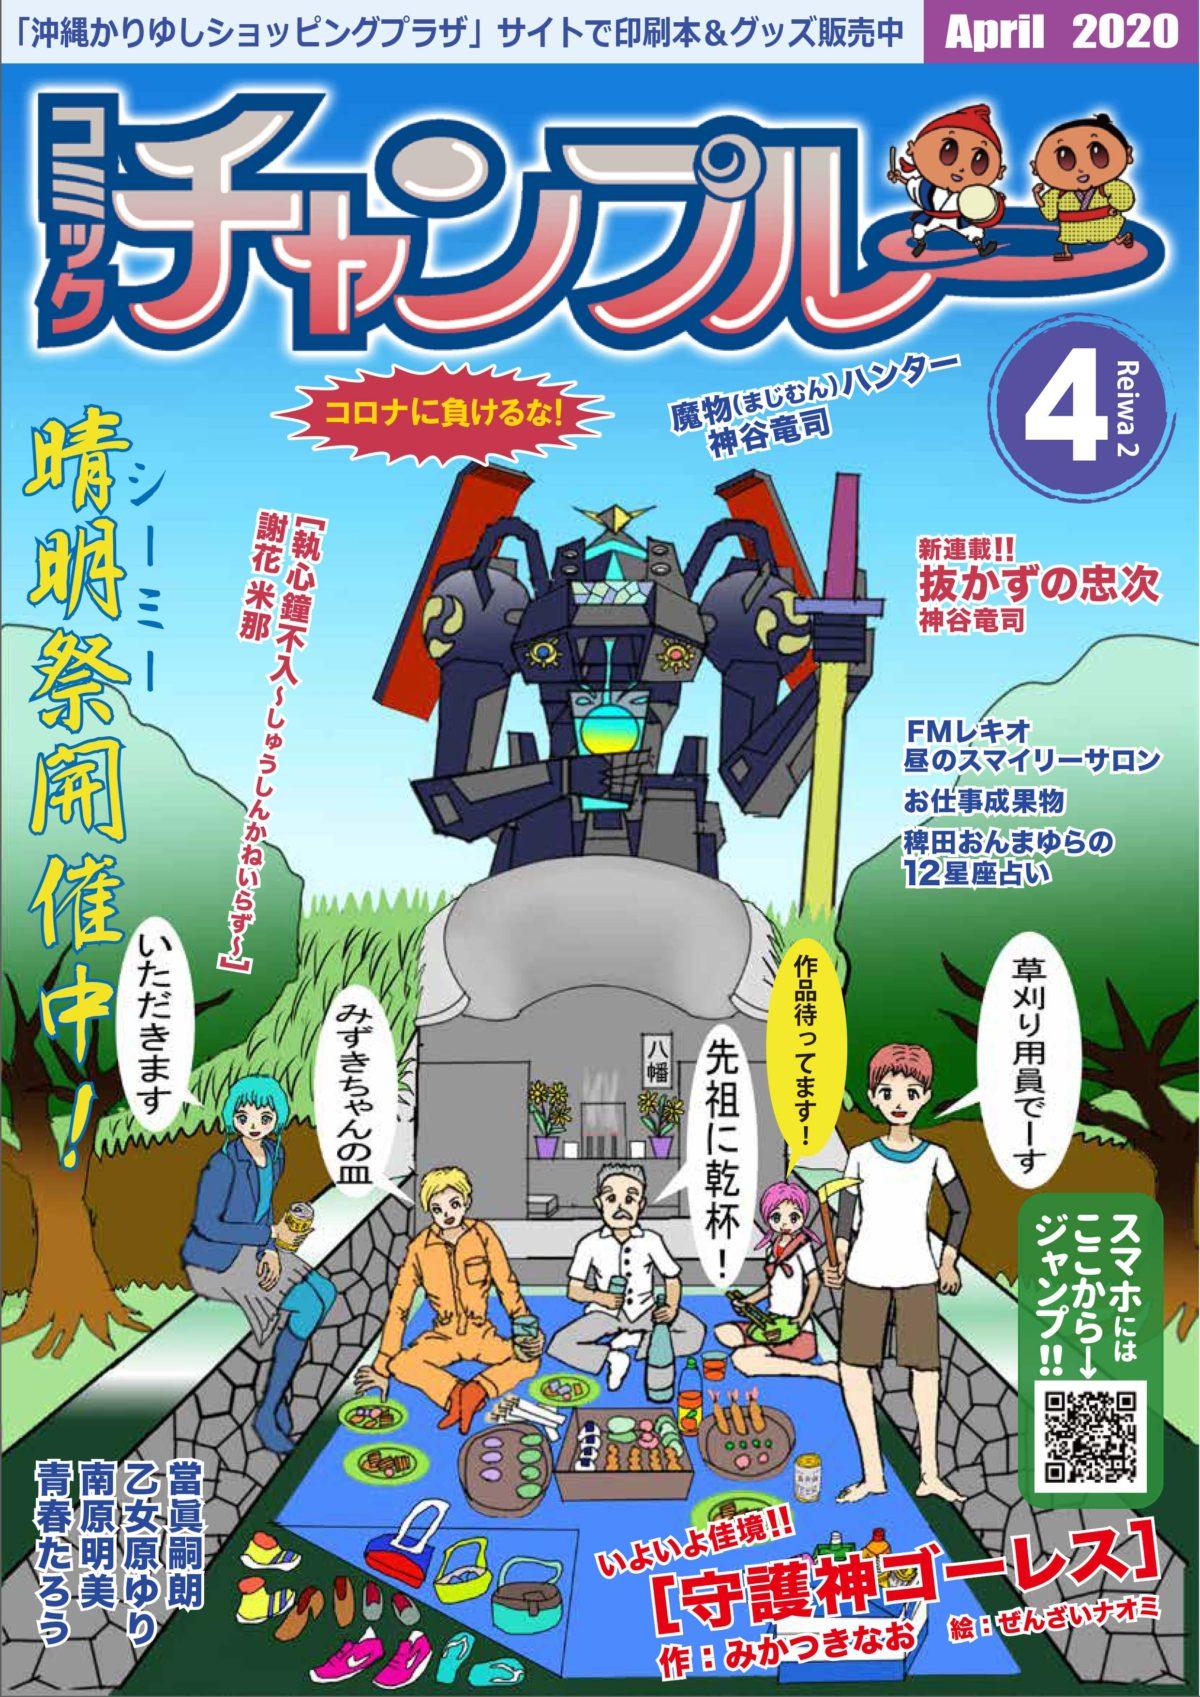 表紙更新しました! 4月です! 沖縄マンガチラシもよろしく! コミックチャンプルー